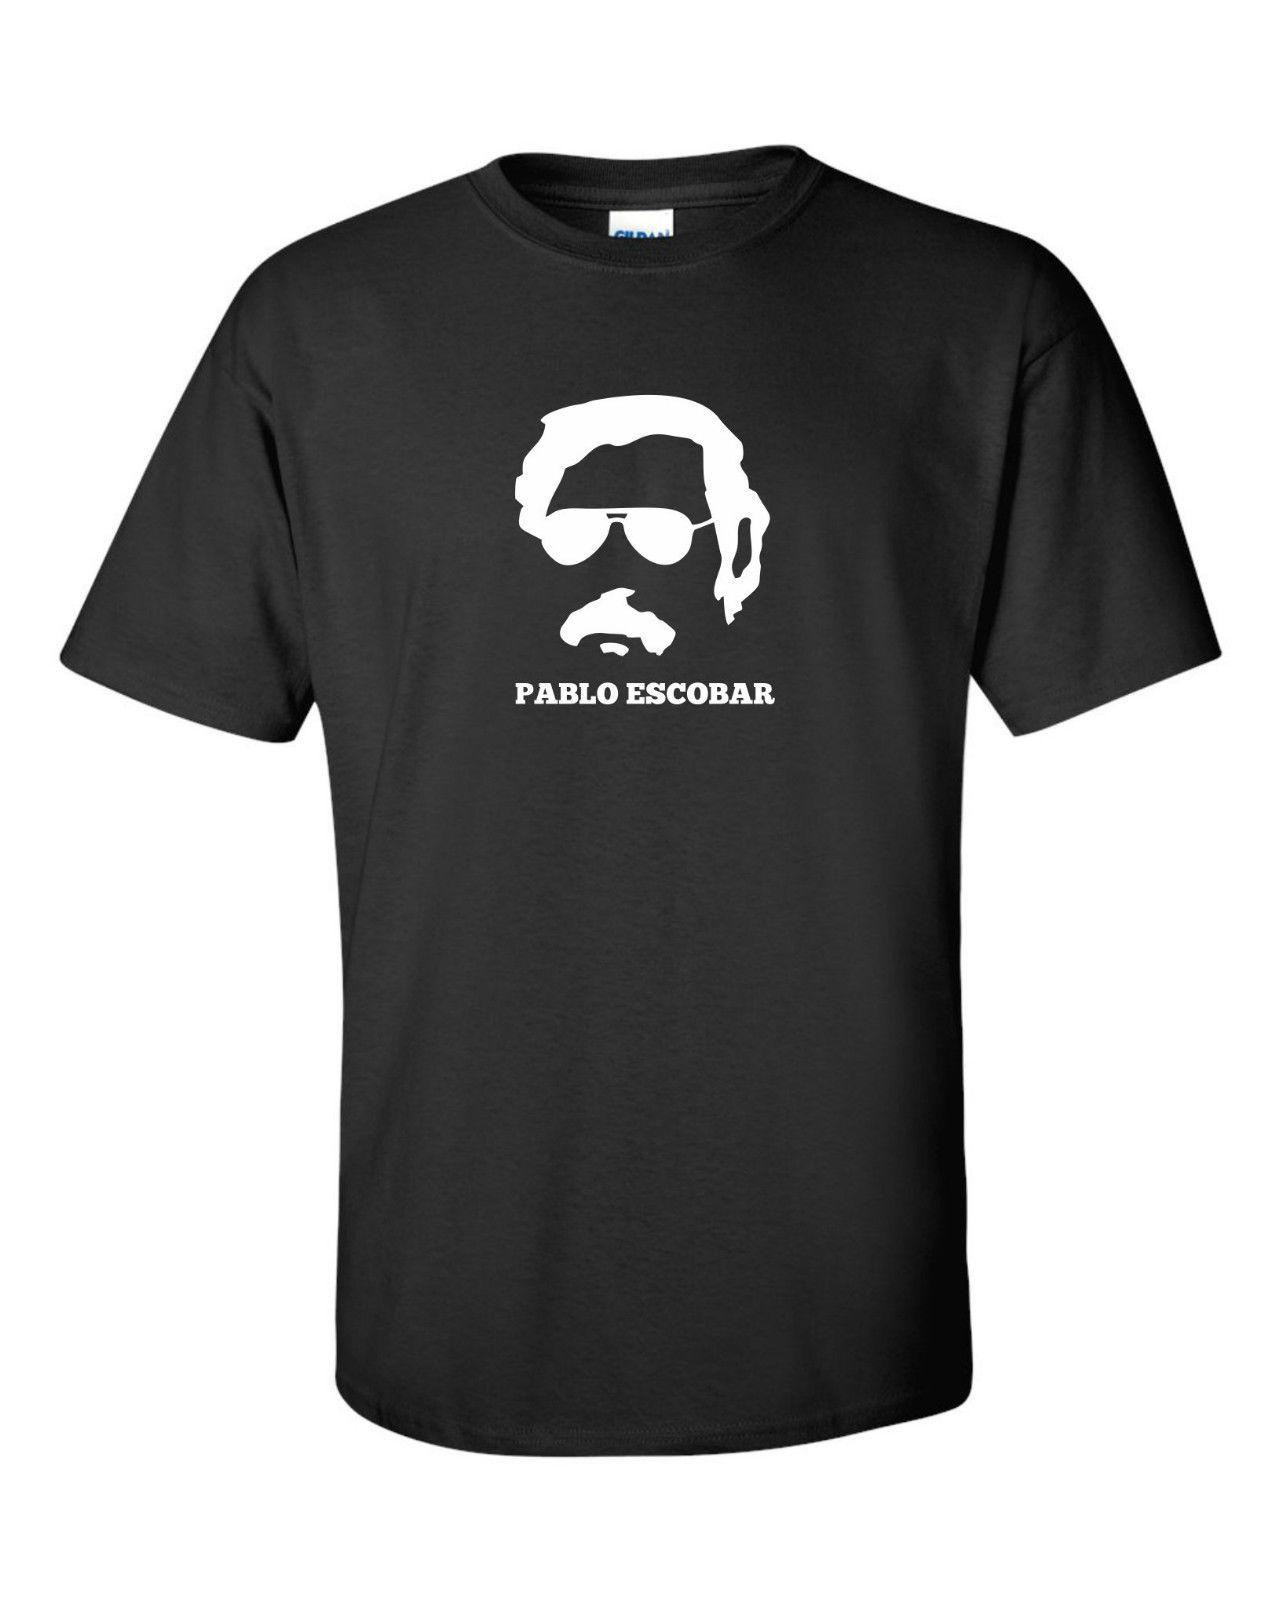 PABLO ESCOBAR engraçado mens camiseta Colombia medellín criminal drogas coca orgulho t shirt dos homens Casual Cool Unisex Novo